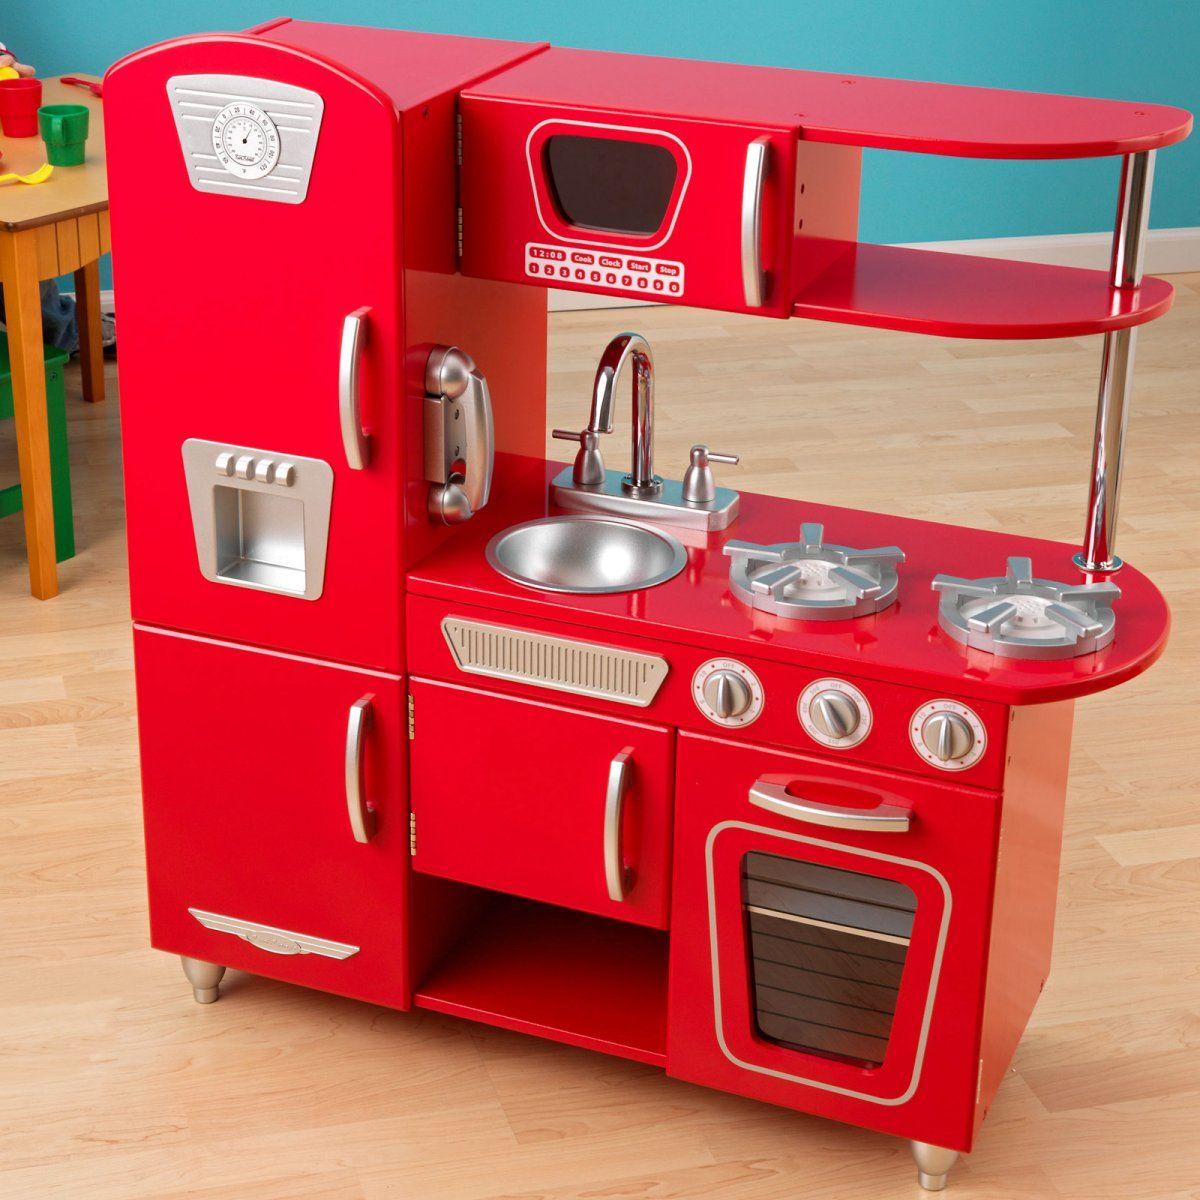 KidKraft Vintage Play Kitchen  NIOS  Cocina de juego para nios Cocinas de juguete y Muebles nios